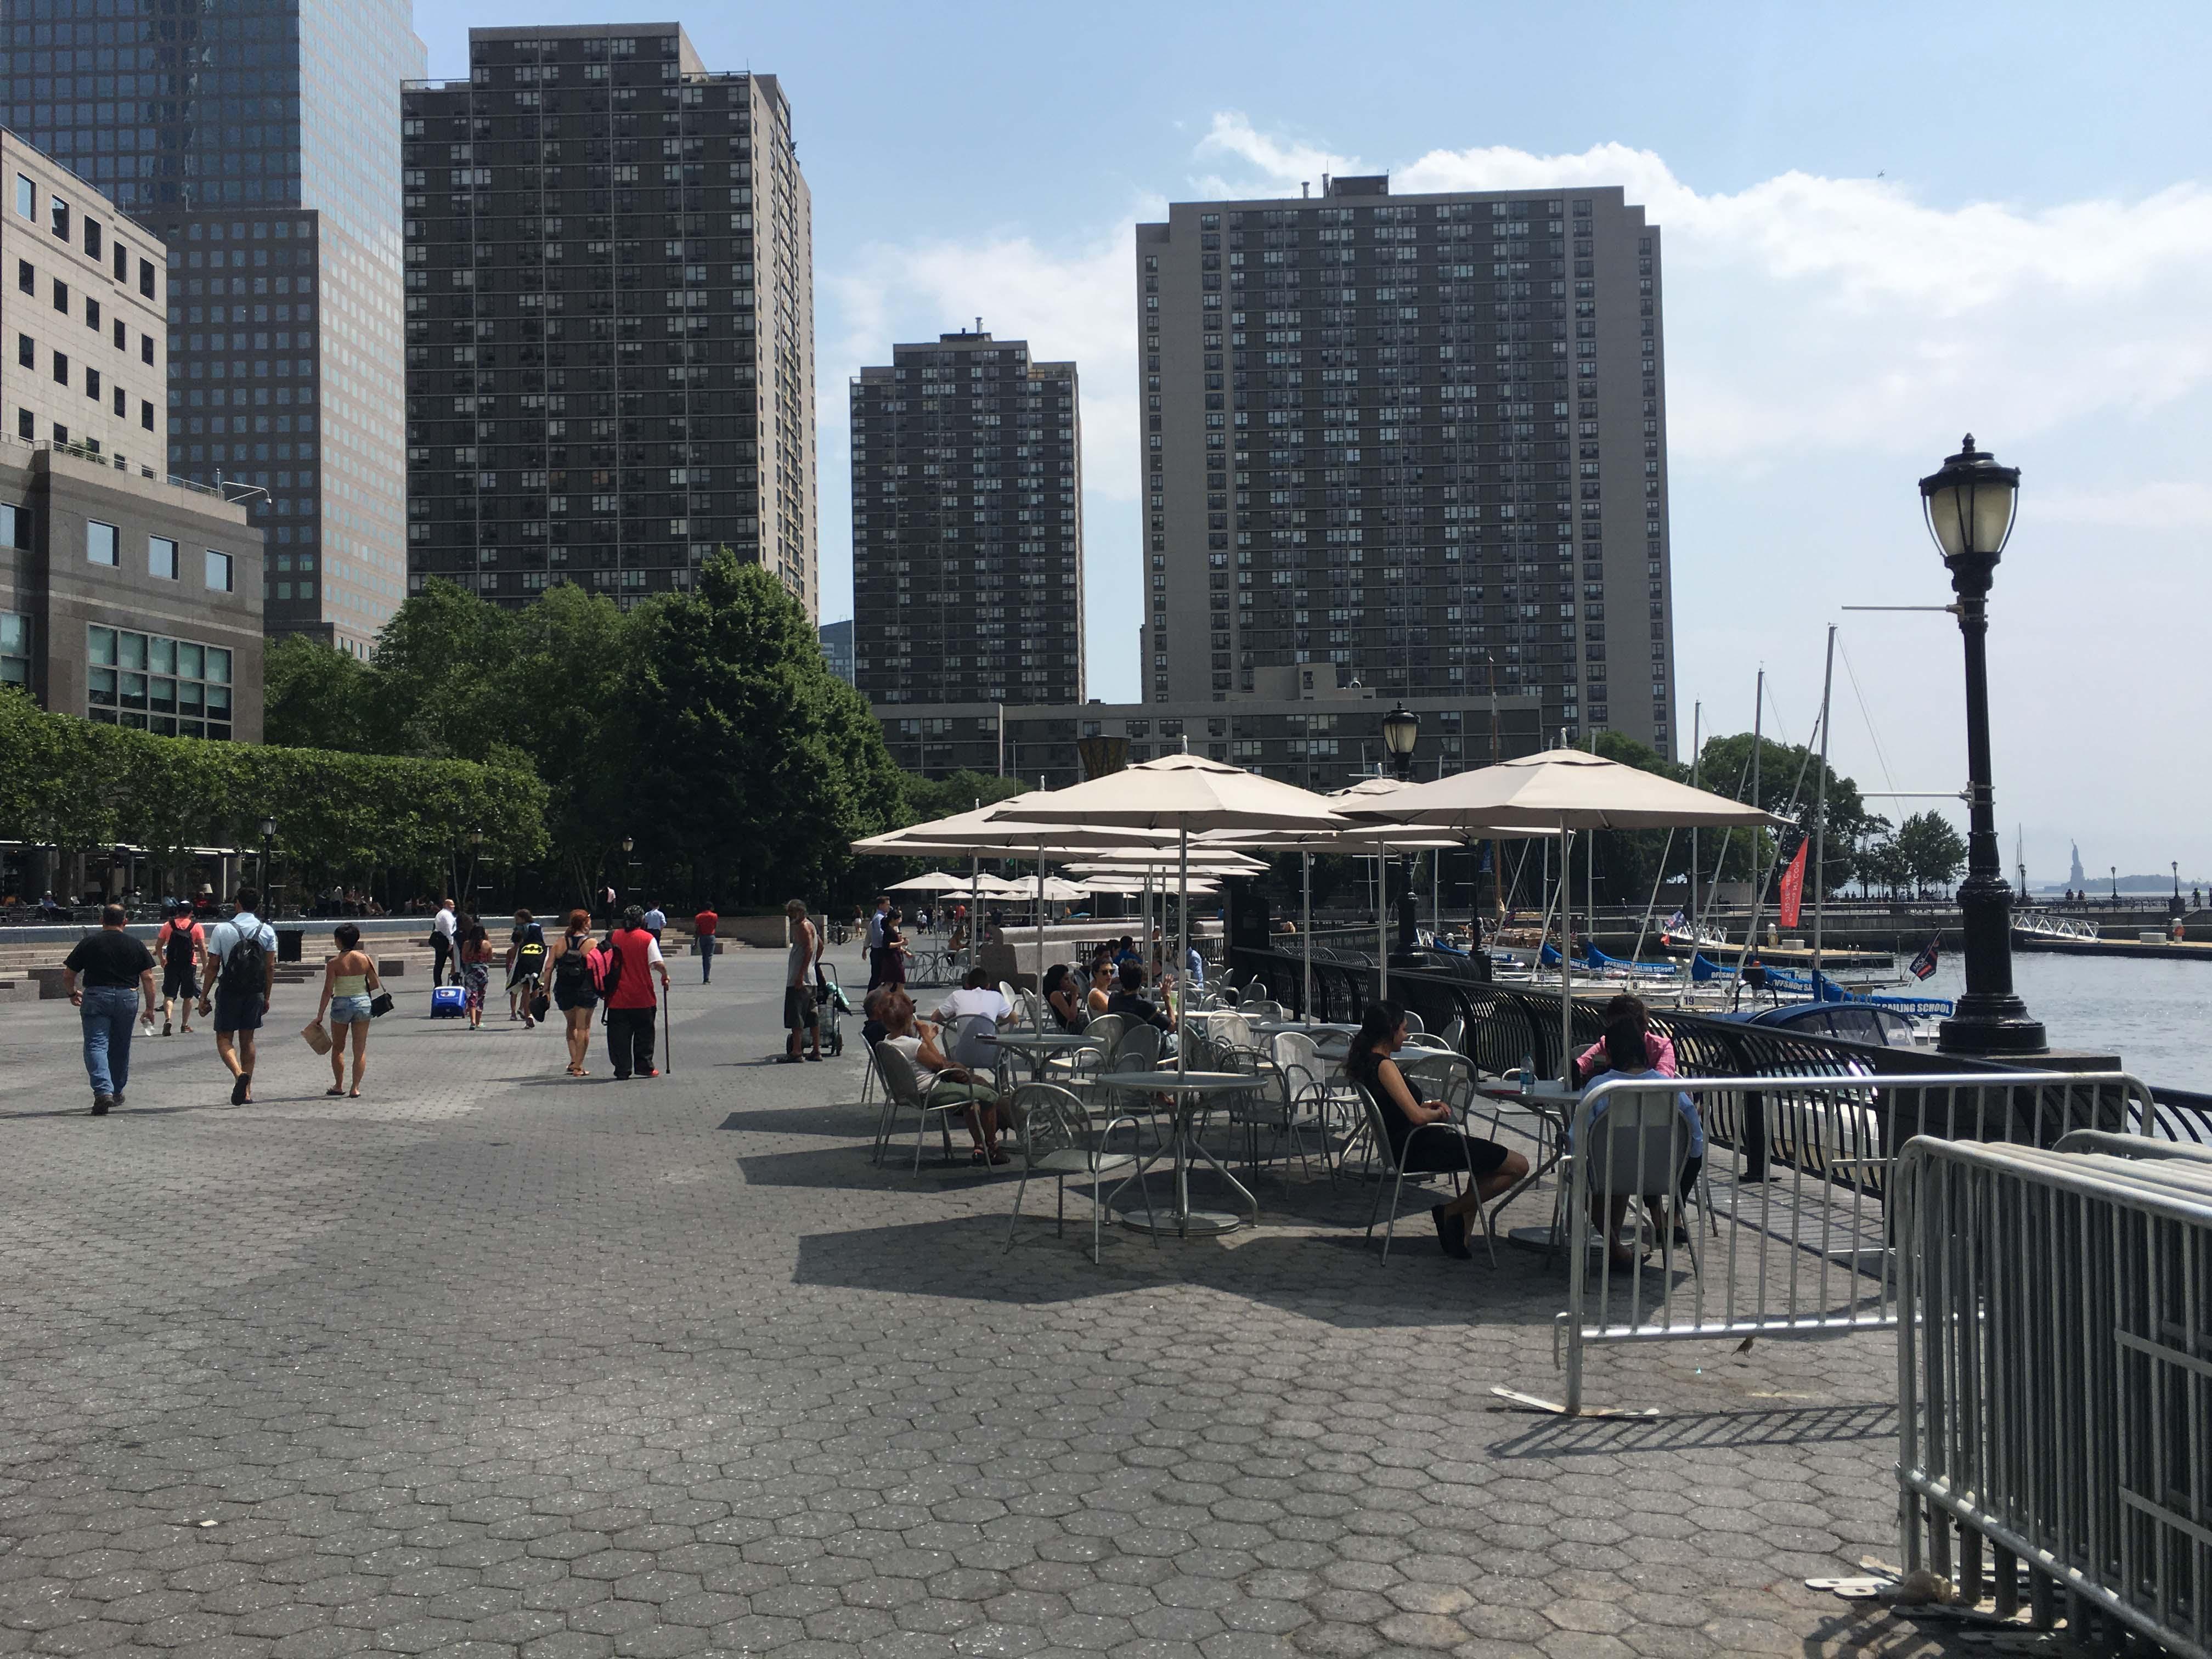 Marina esplanade now with brookfield umbrellas B